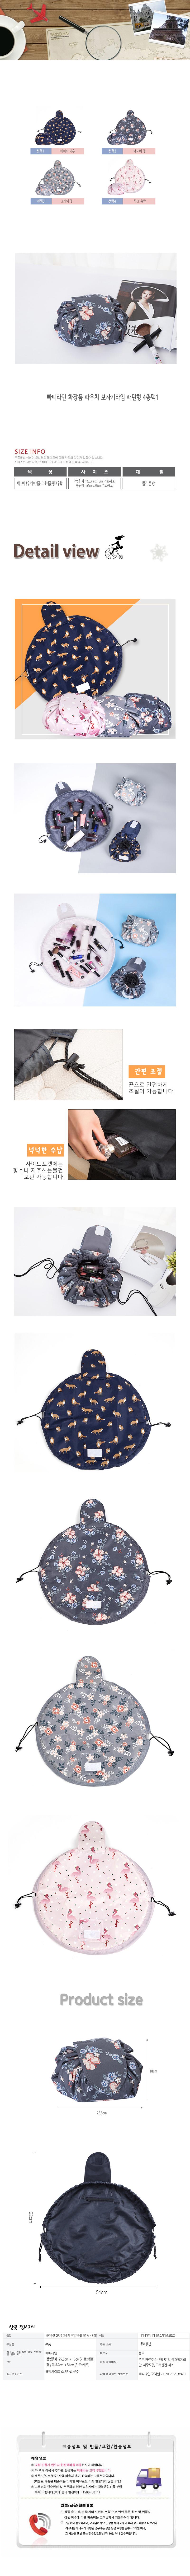 화장품 파우치 보자기타입 패턴형 4종택1 - 빠띠빠띠, 6,900원, 메이크업 파우치, 끈/주머니형